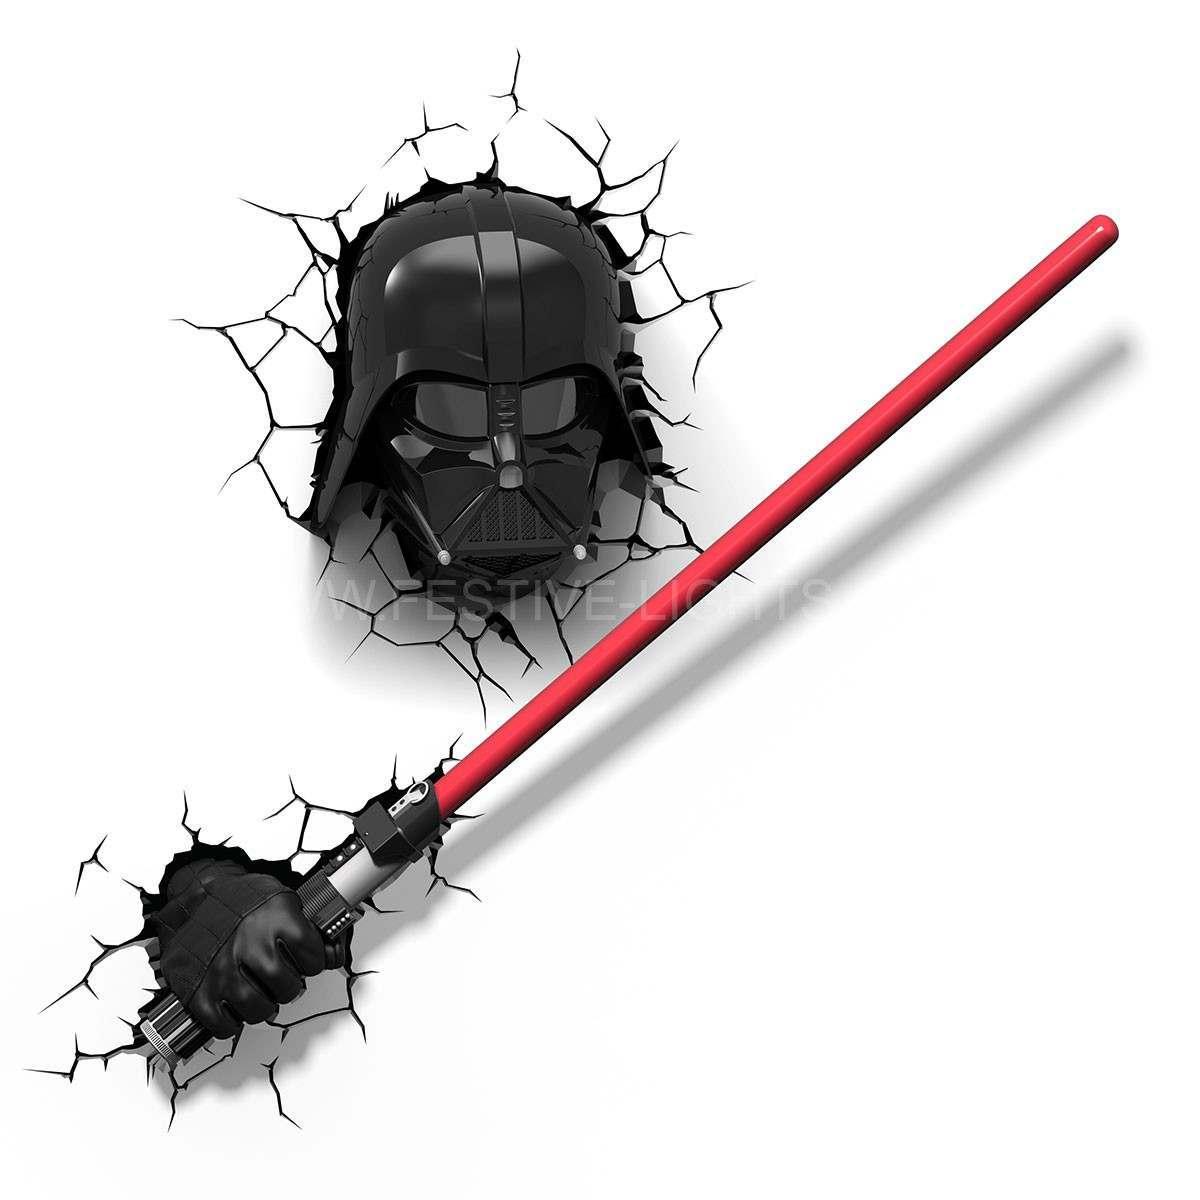 NEW Star Wars Darth Vader 3D LED Battery Wall Deco Night Light